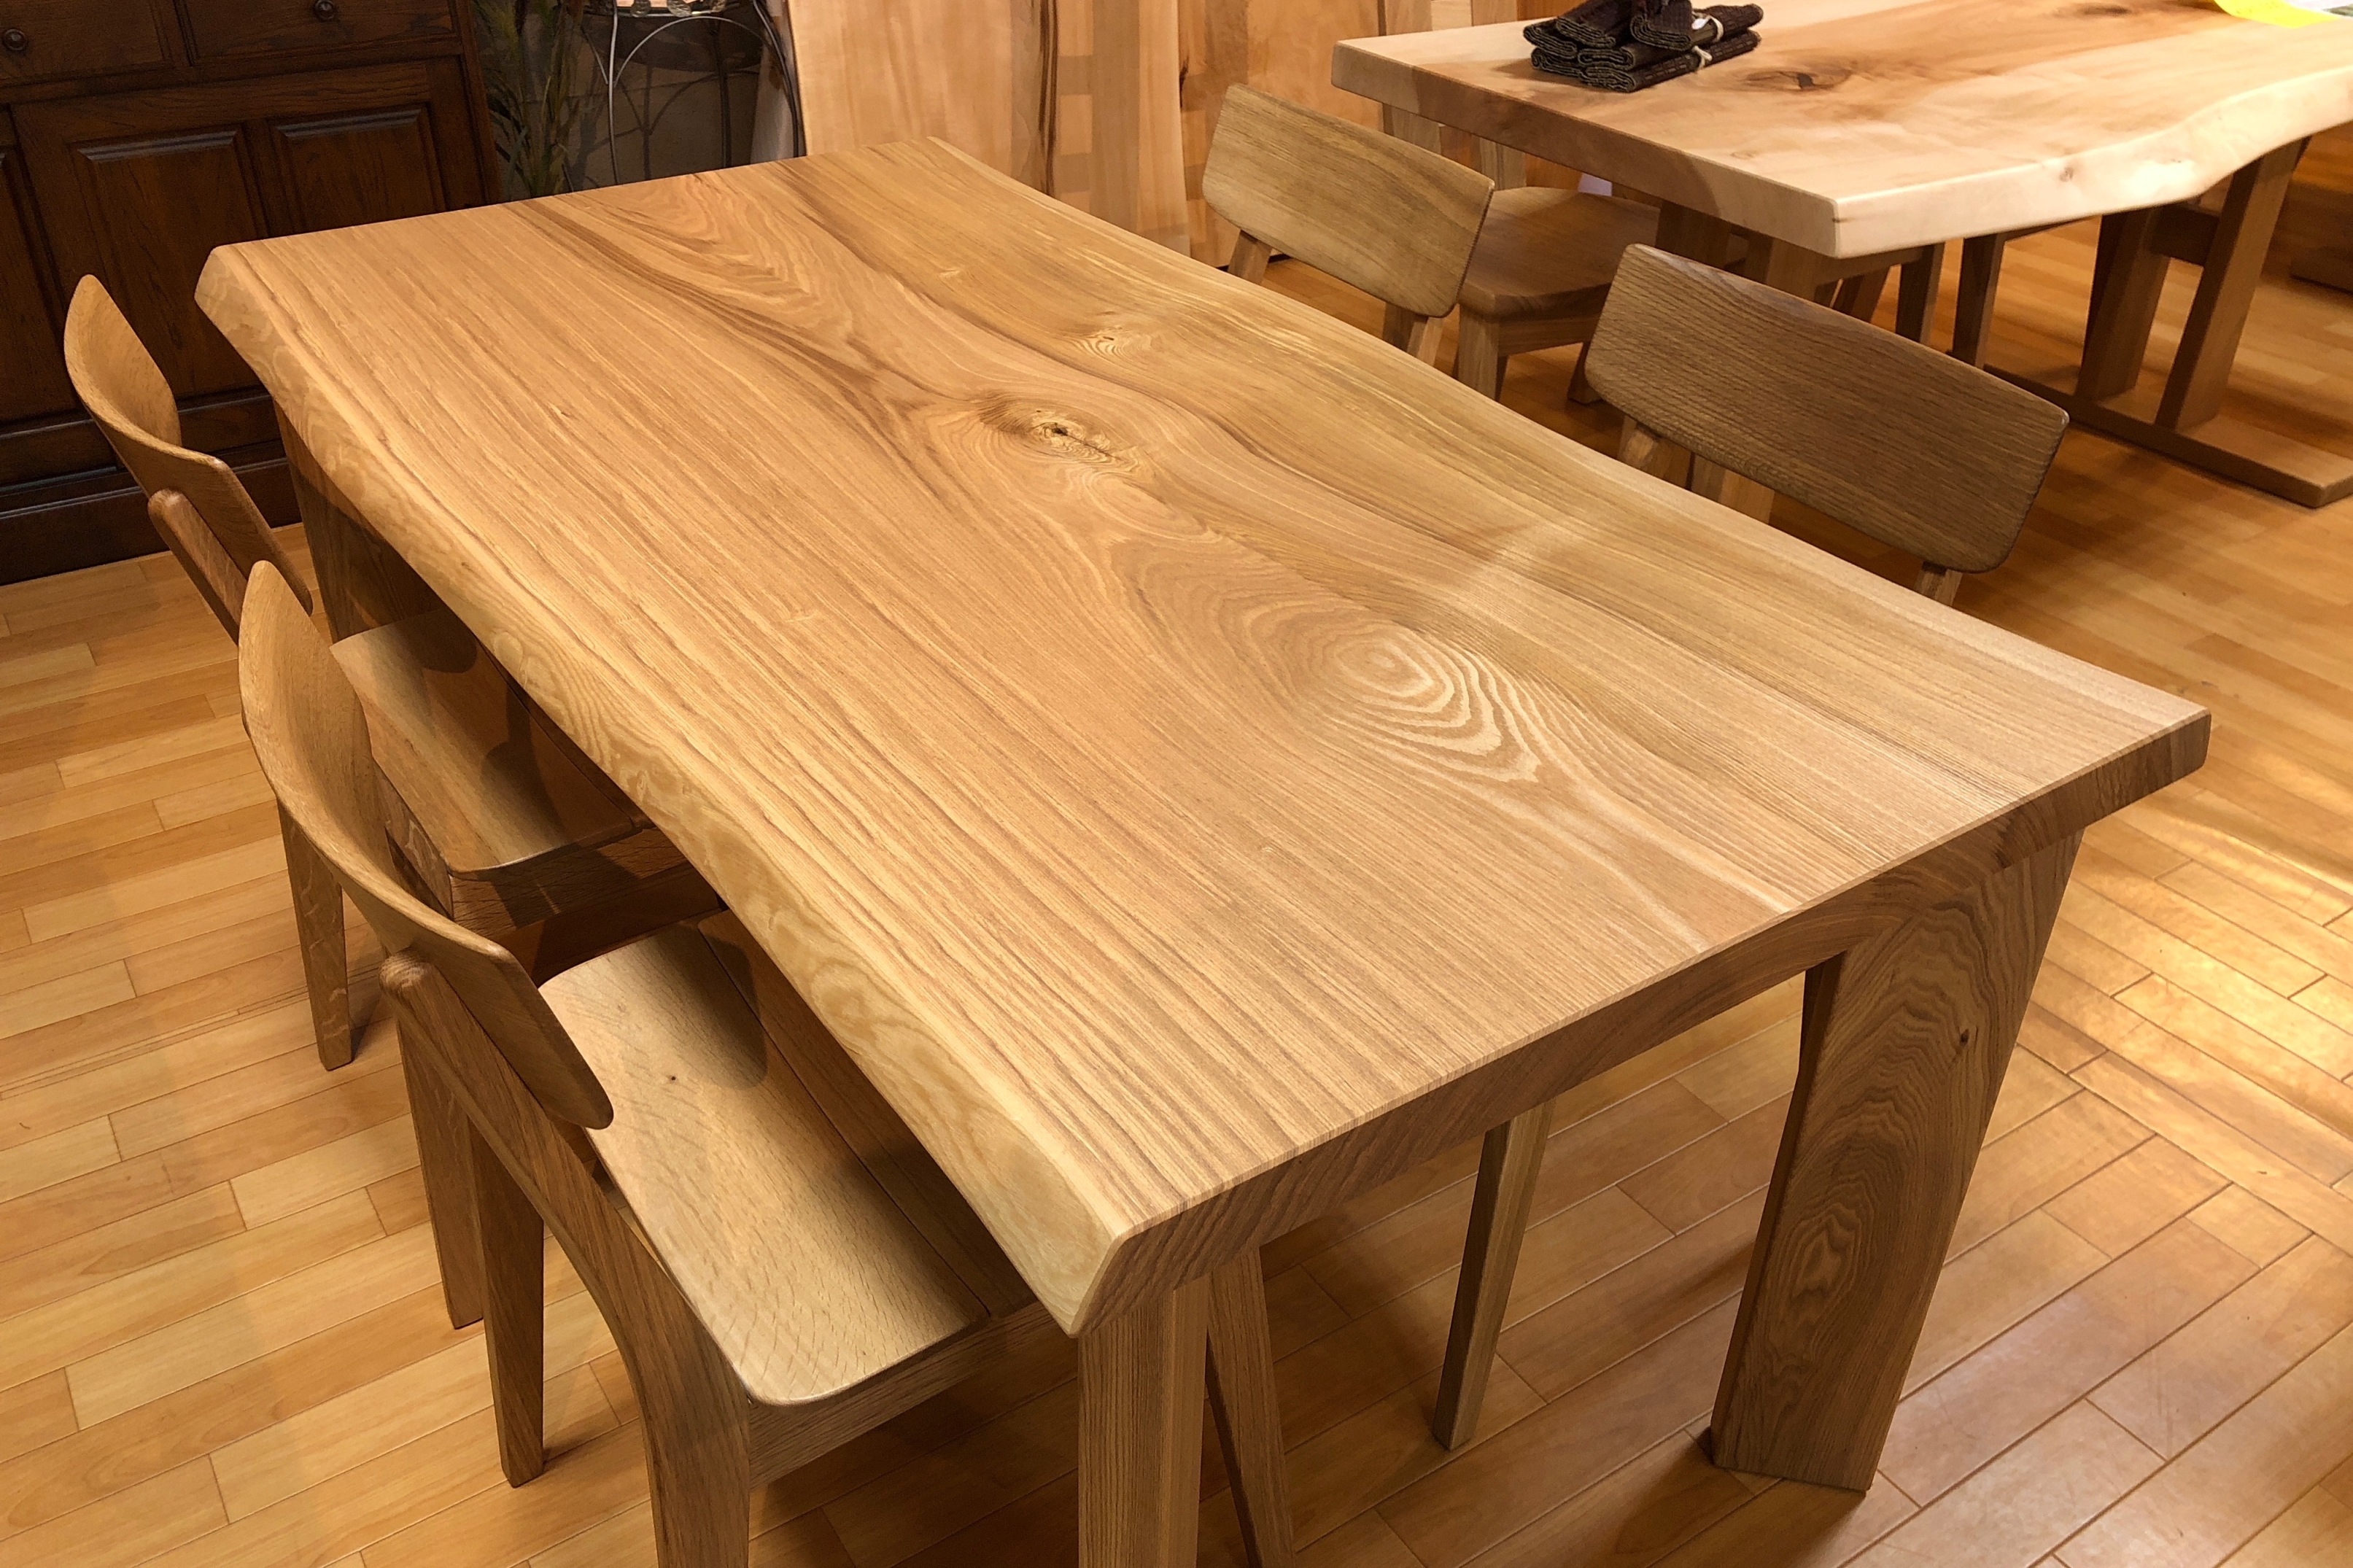 タモ 一枚板テーブル 国産 飛騨の家具 木匠舘マイドゥ